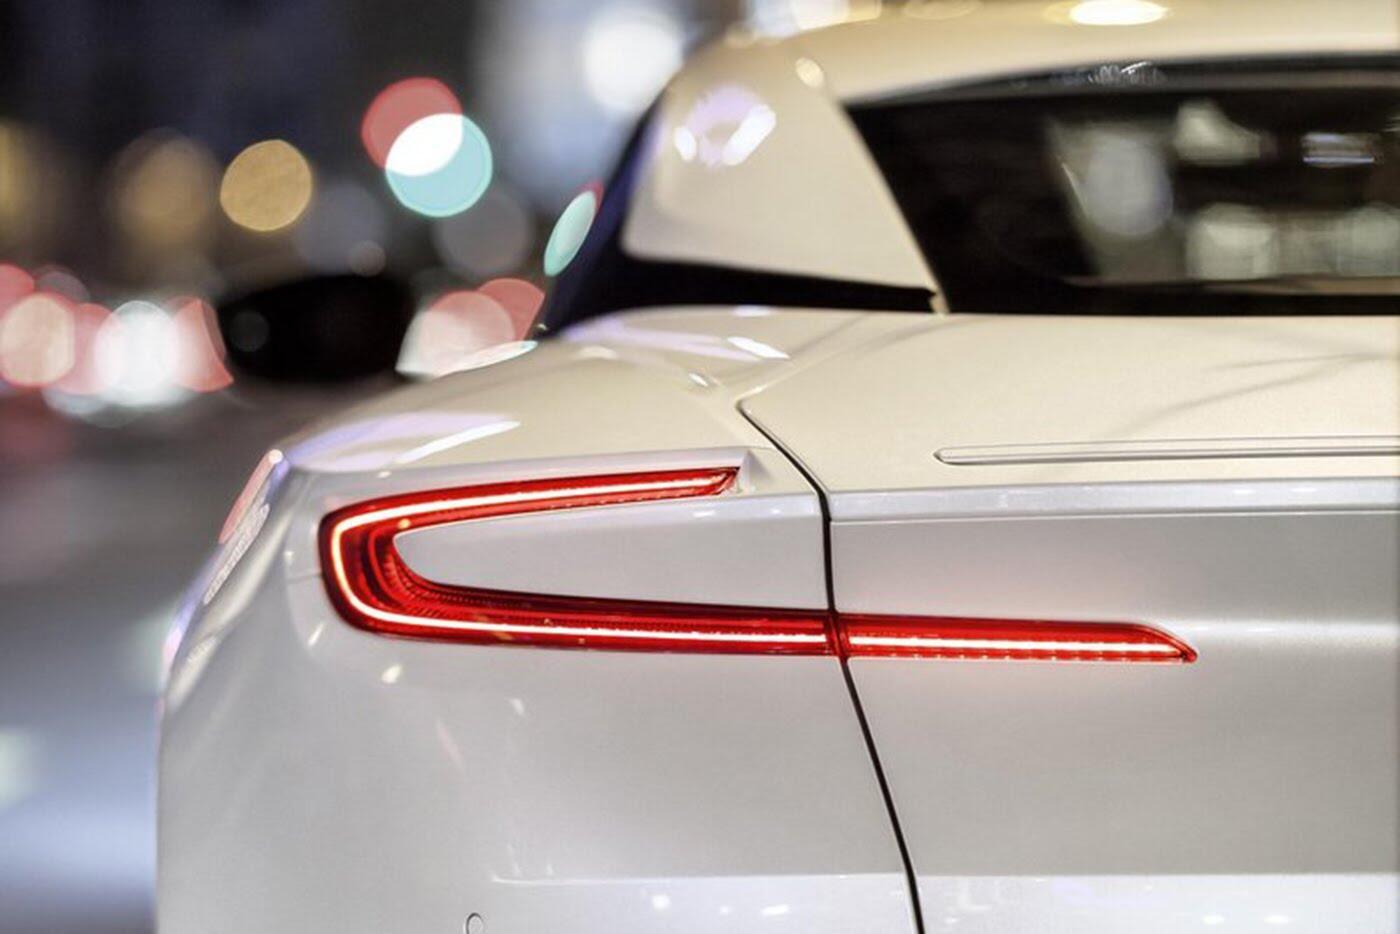 Aston Martin DB11 có thêm phiên bản động cơ tăng áp kép V8 - Hình 6